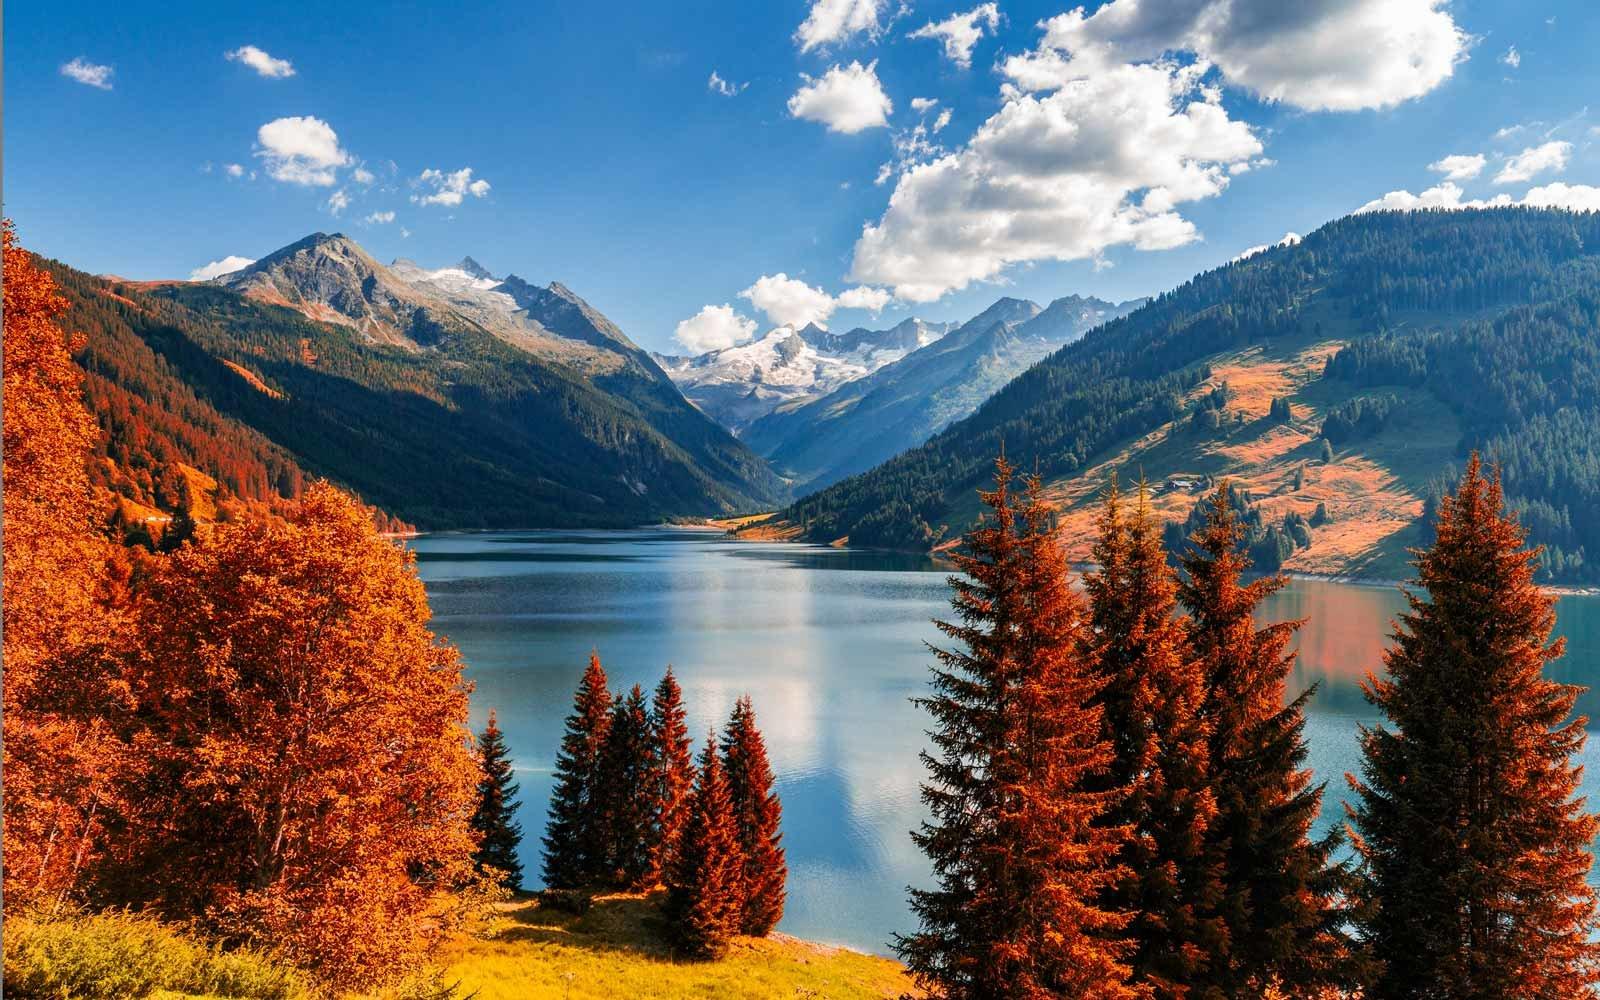 Background image nature scene